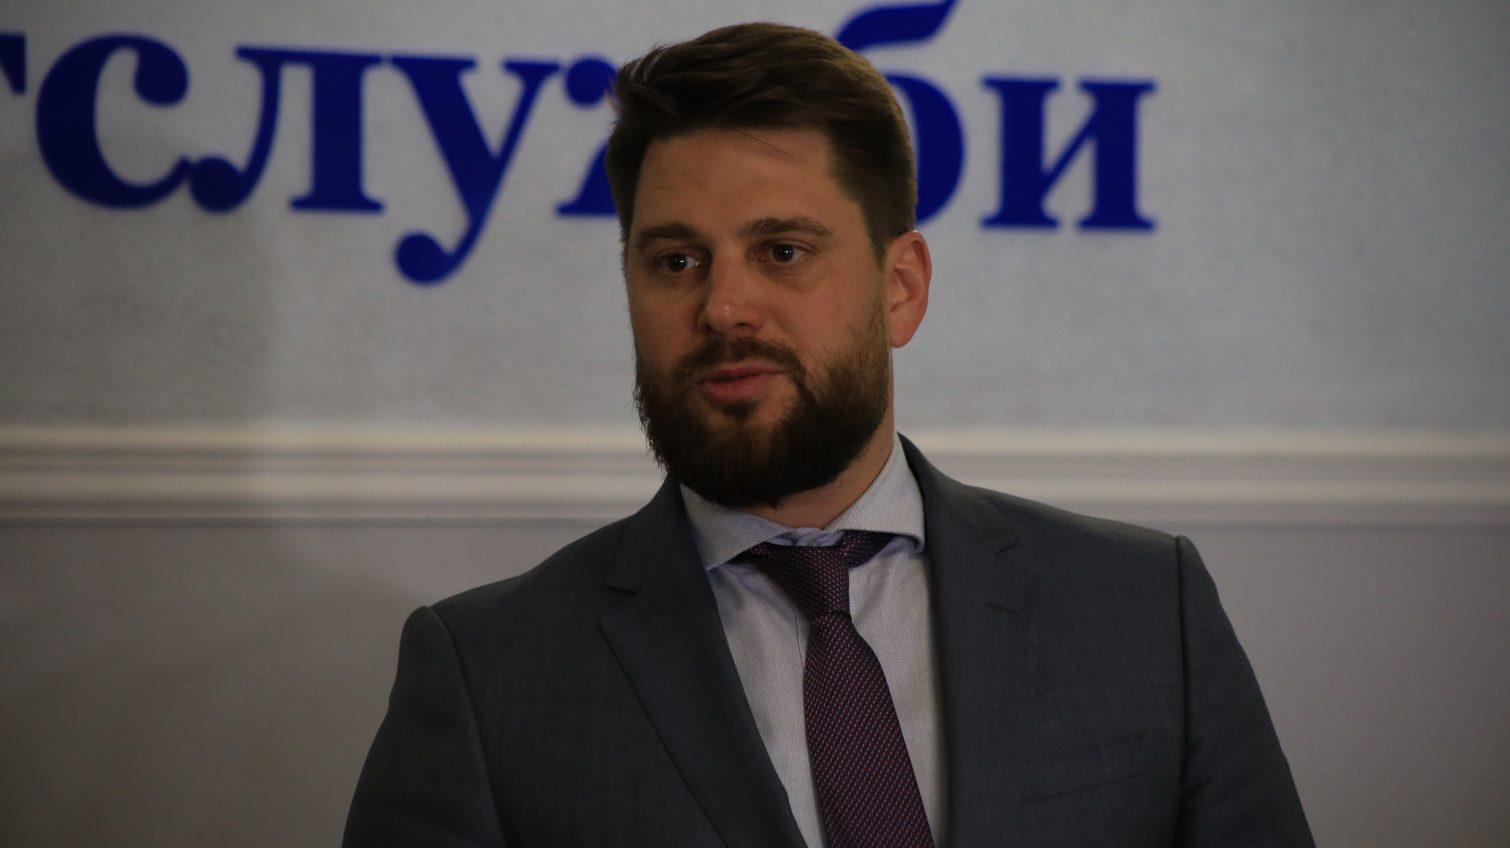 Глава Одесской таможни получил предупреждение о предстоящем увольнении «фото»